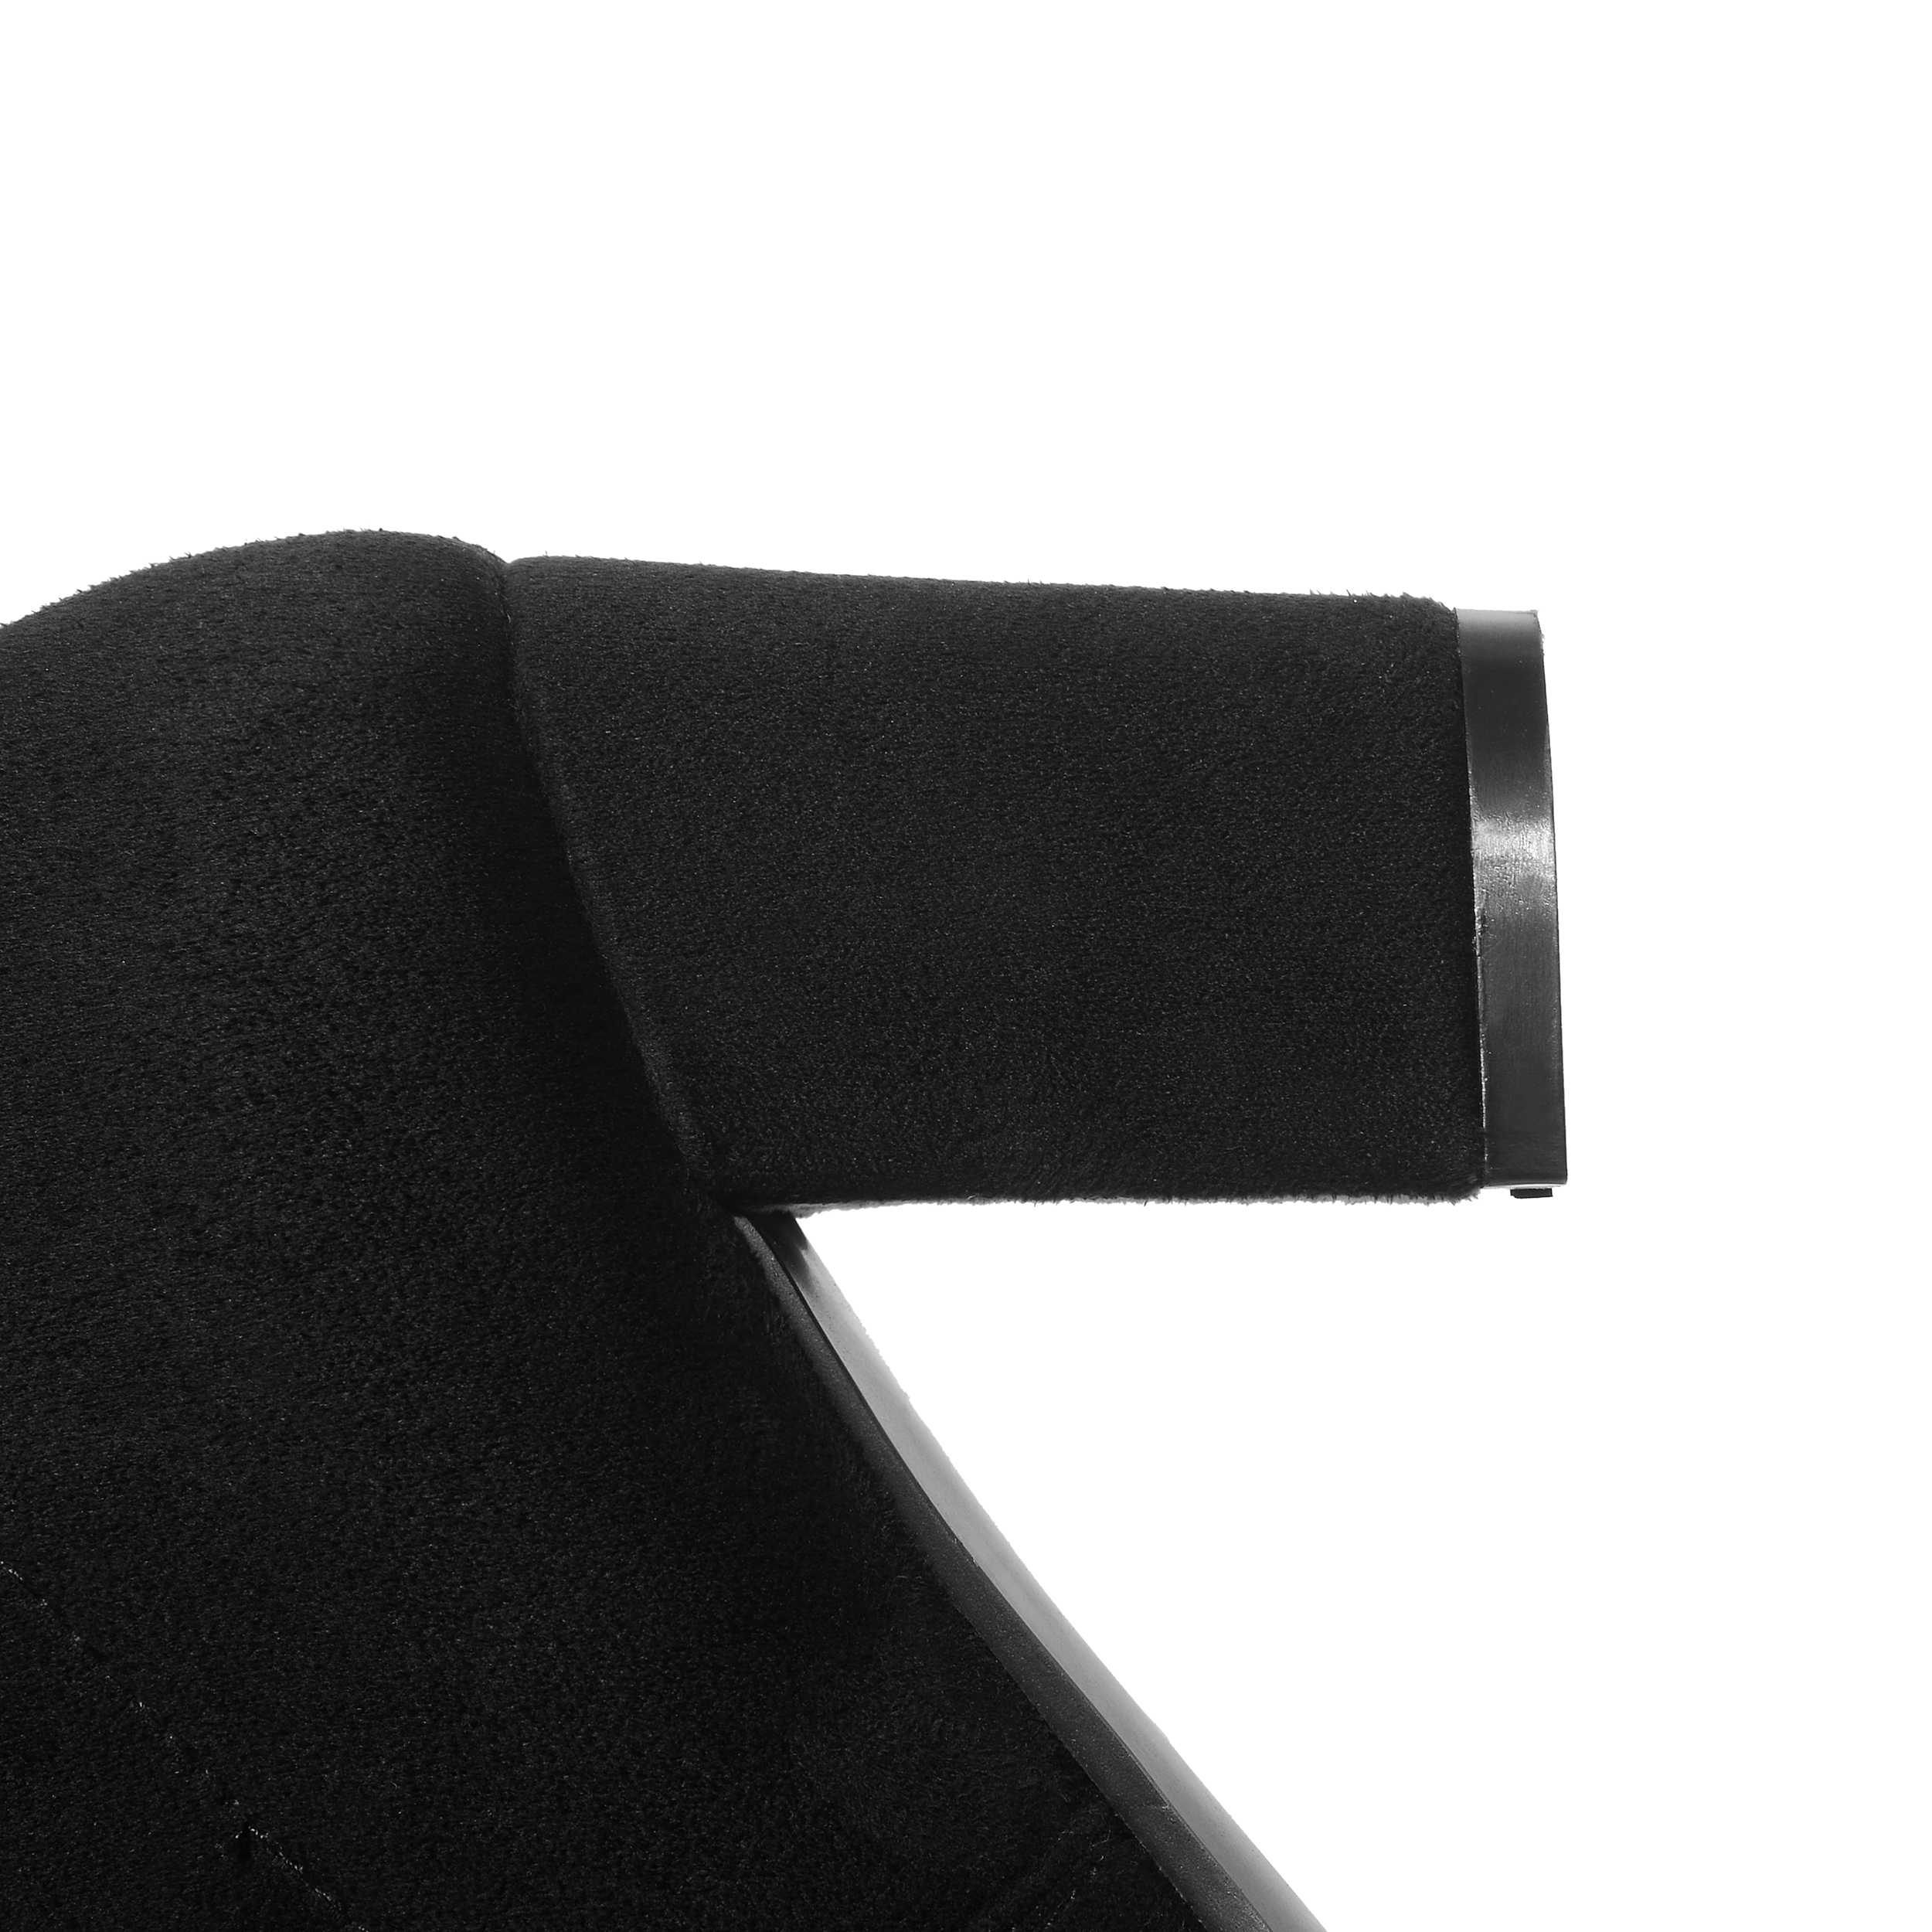 Qutaa 2020 Phụ Nữ Trên Đầu Gối Giày Cao Cổ Vuông Nữ Cao Giày Nền Tảng Mùa Đông Tất Cả Trận Đấu Gợi Cảm Nữ Giày size 34-43